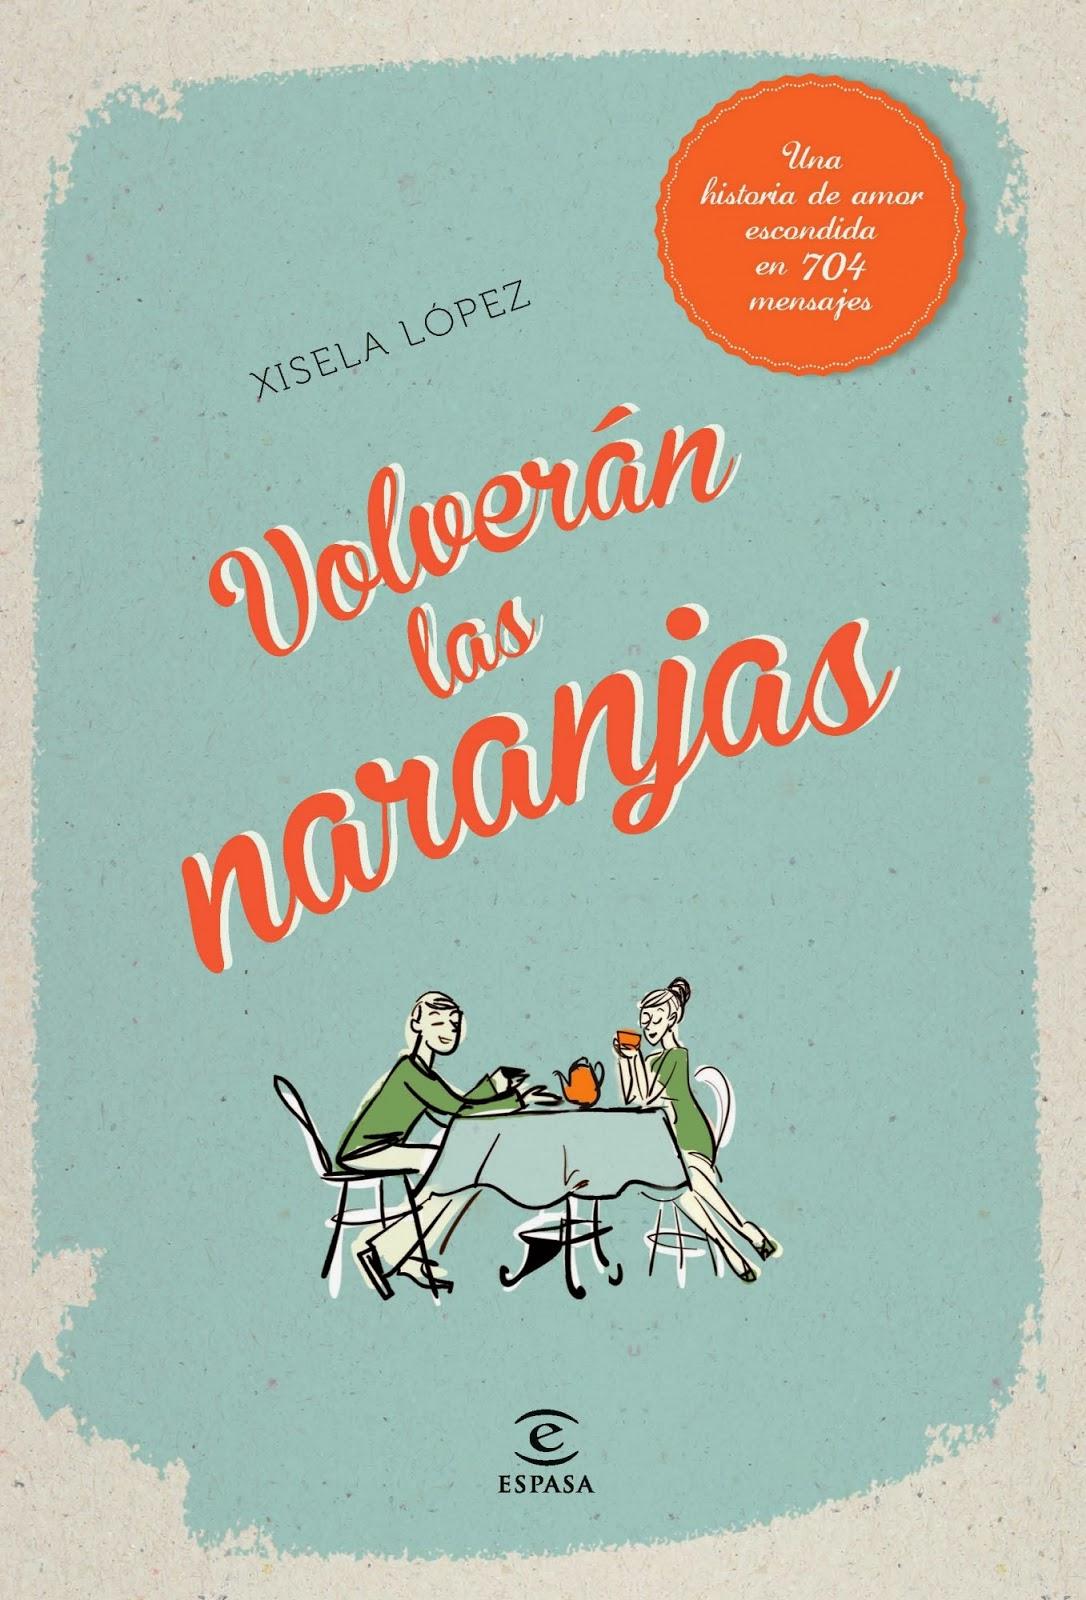 http://estantesllenos.blogspot.com.es/2014/02/volveran-las-naranjas-xisela-lopez.html